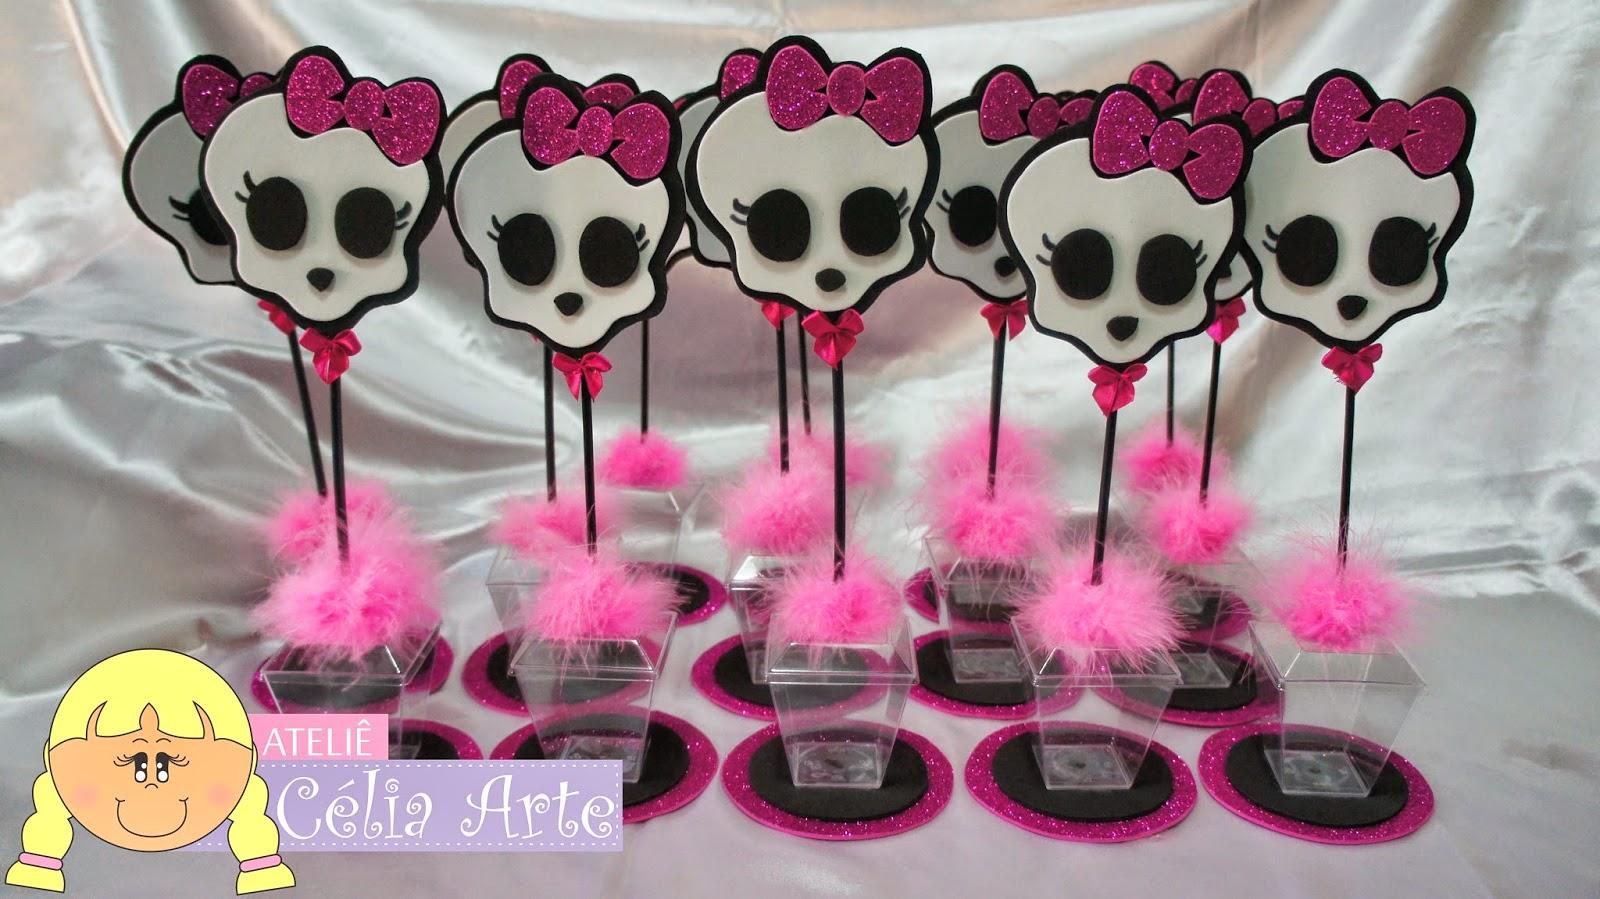 Ateliê Celia Arte: Encomenda Entregue Centro de mesa Monster High